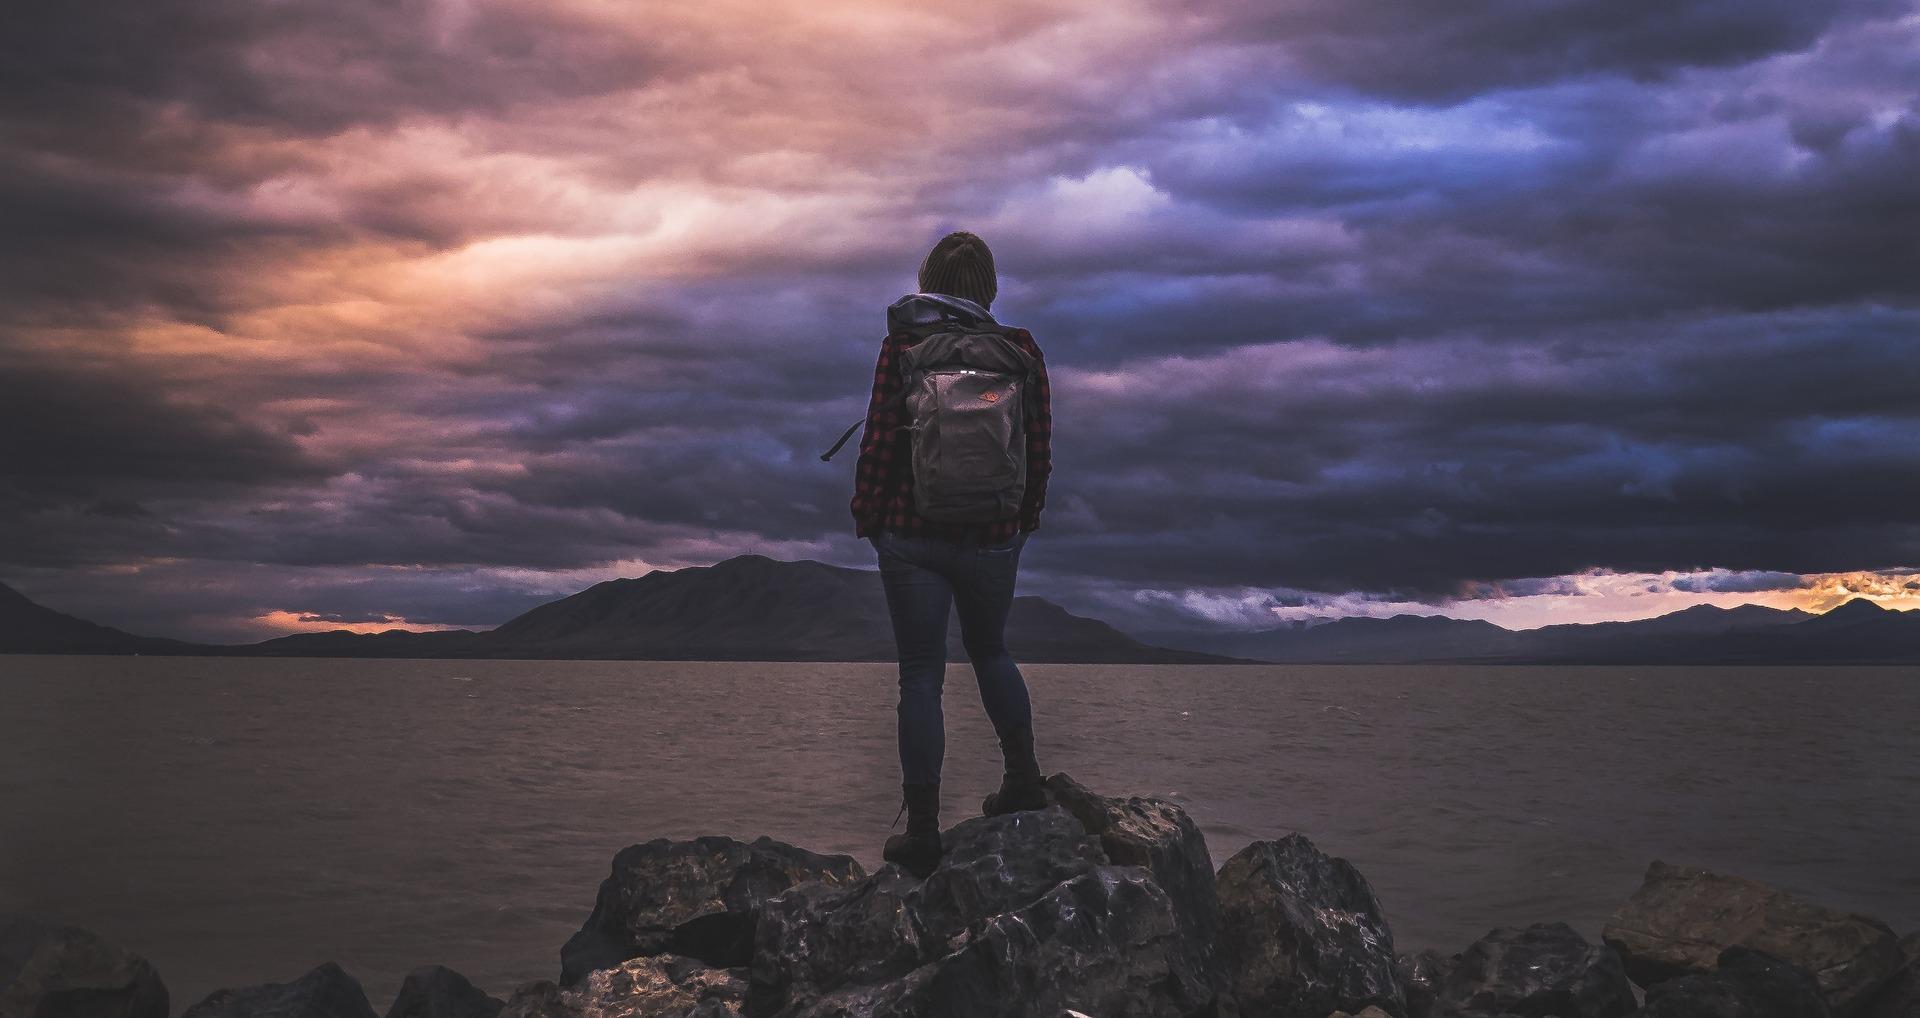 旅行者, ハイカー, ハイキング, 自由, バックパック, 雲, 山, バイオレット - HD の壁紙 - 教授-falken.com